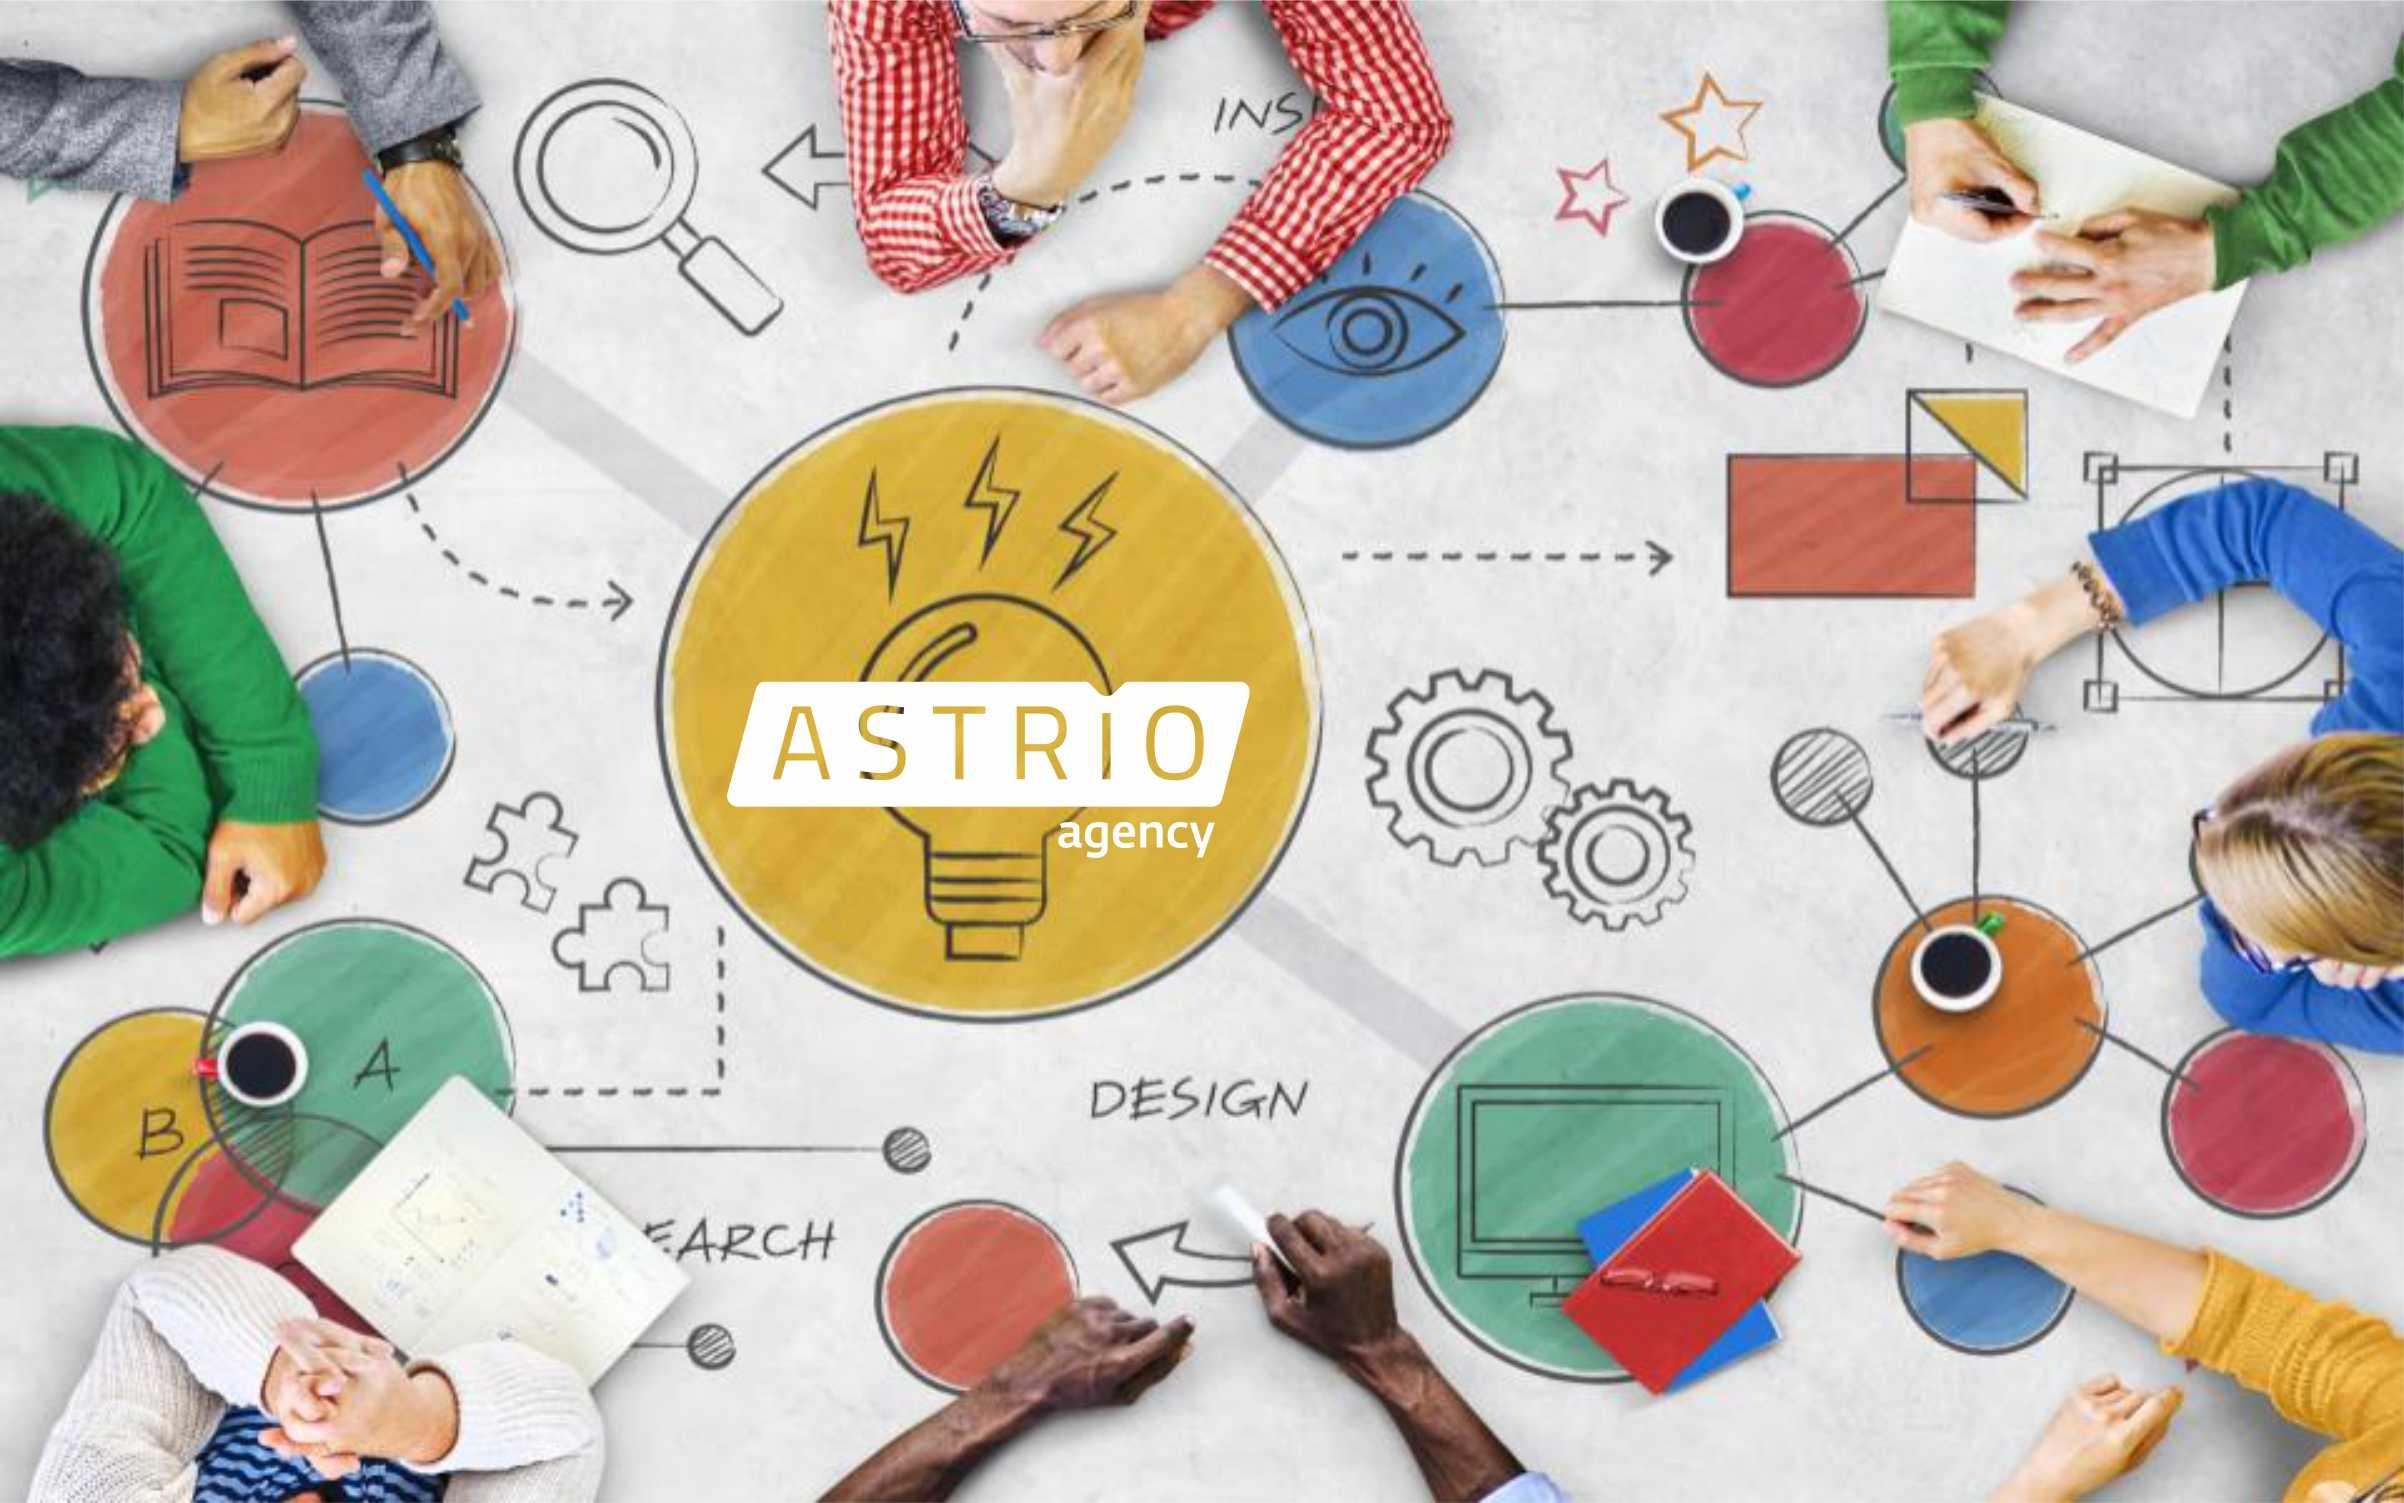 Опыт компании ASTRIO agency в обучении и подготовке внутренней команды Magento разработчиков для клиентов.